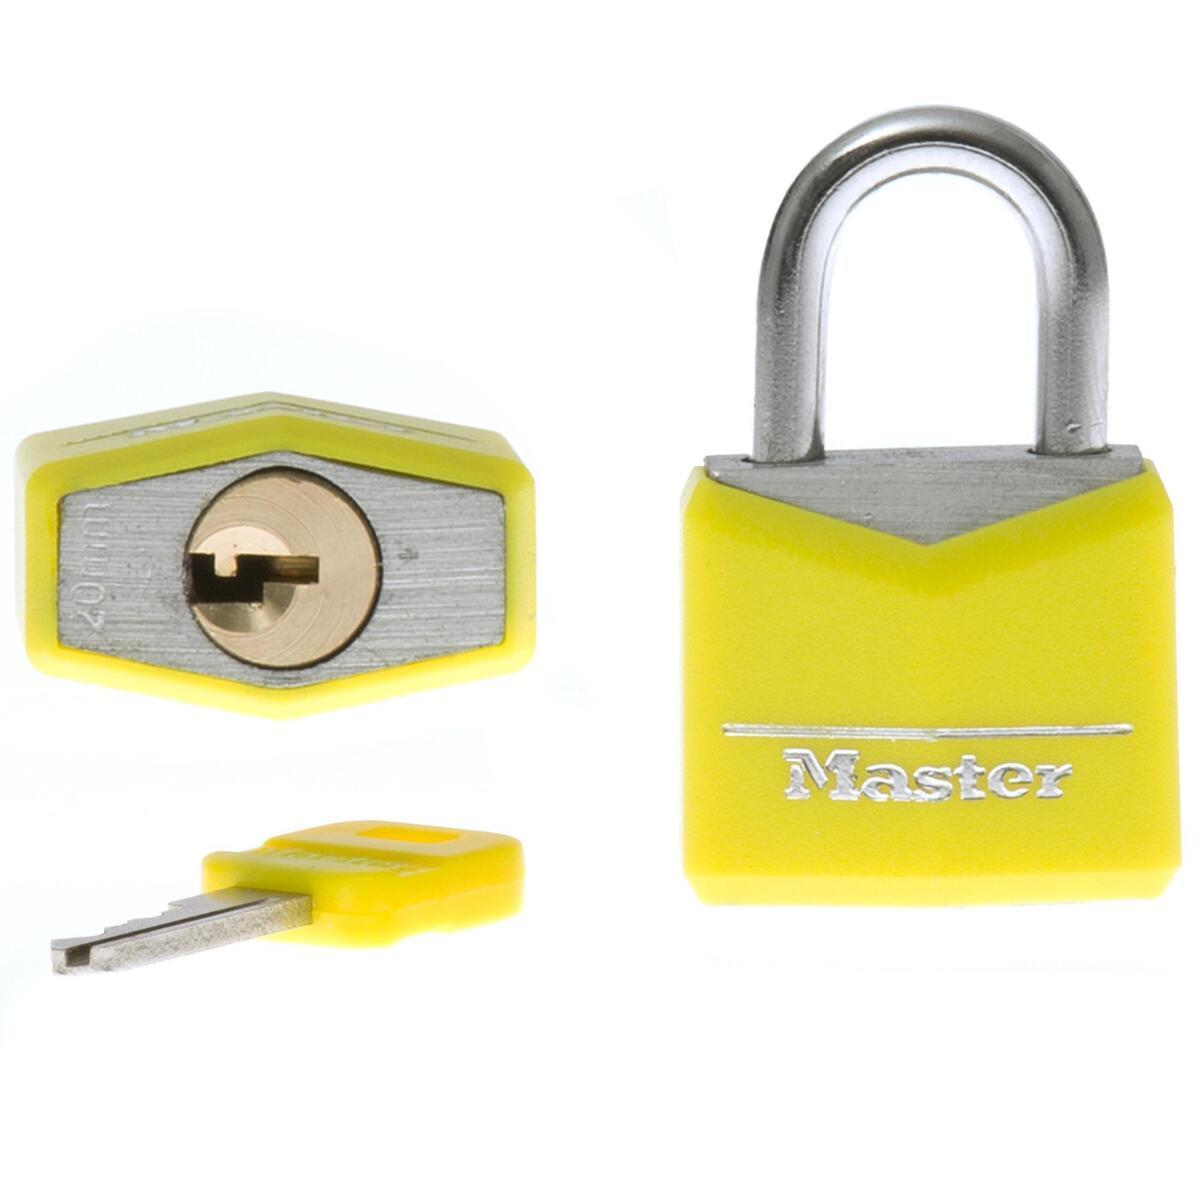 Bild 3 von 2 Gepäckschlösser + Schlüssel 30mm gelb